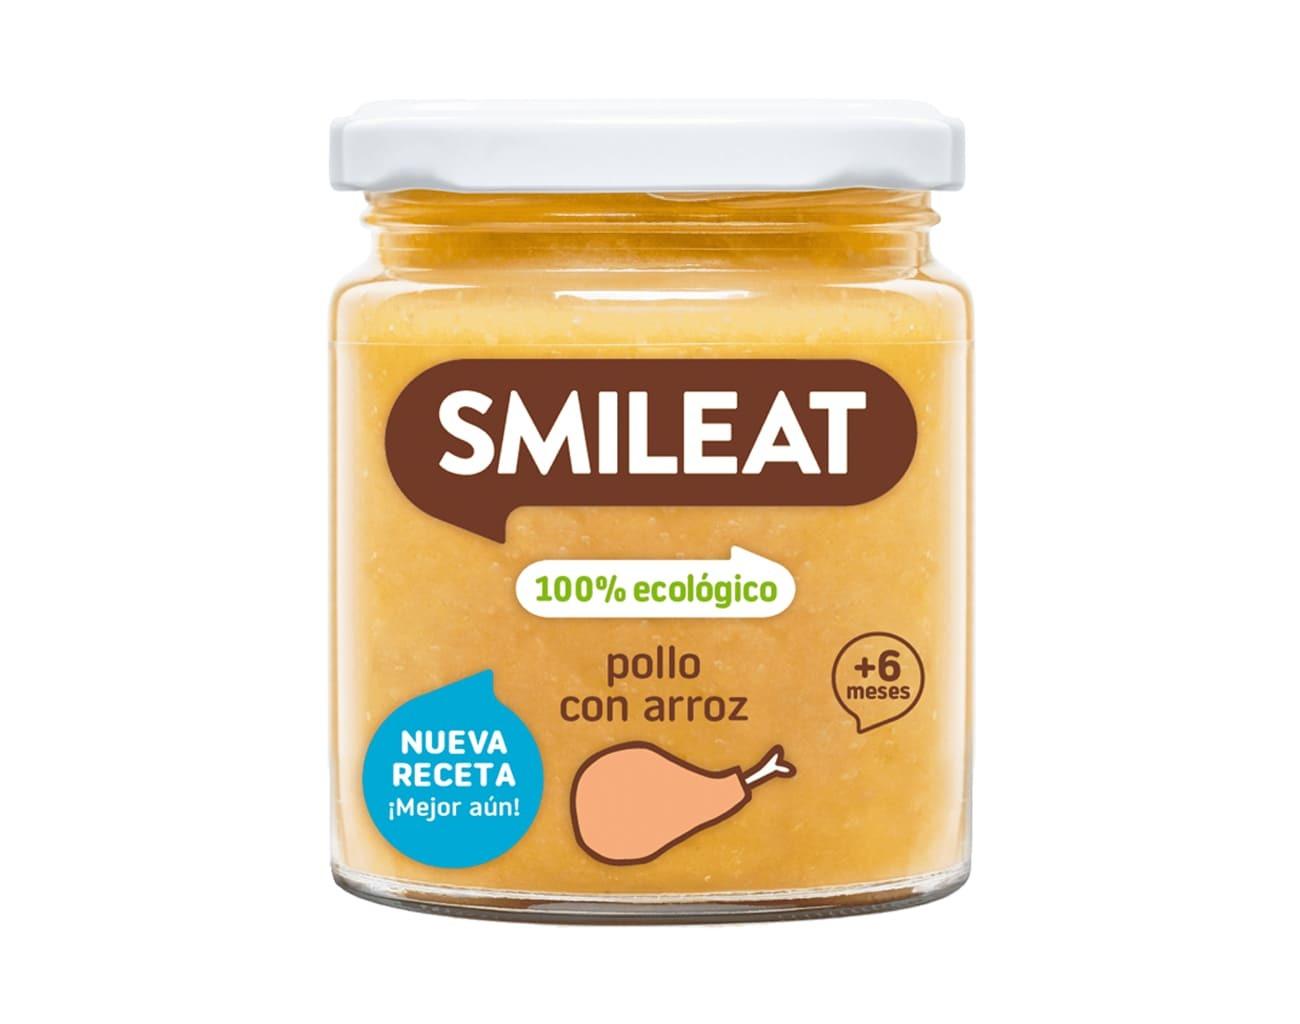 POTITO BIO POLLO CON ARROZ 230GR ( y 6MESES) SMILEAT en Biovegalia